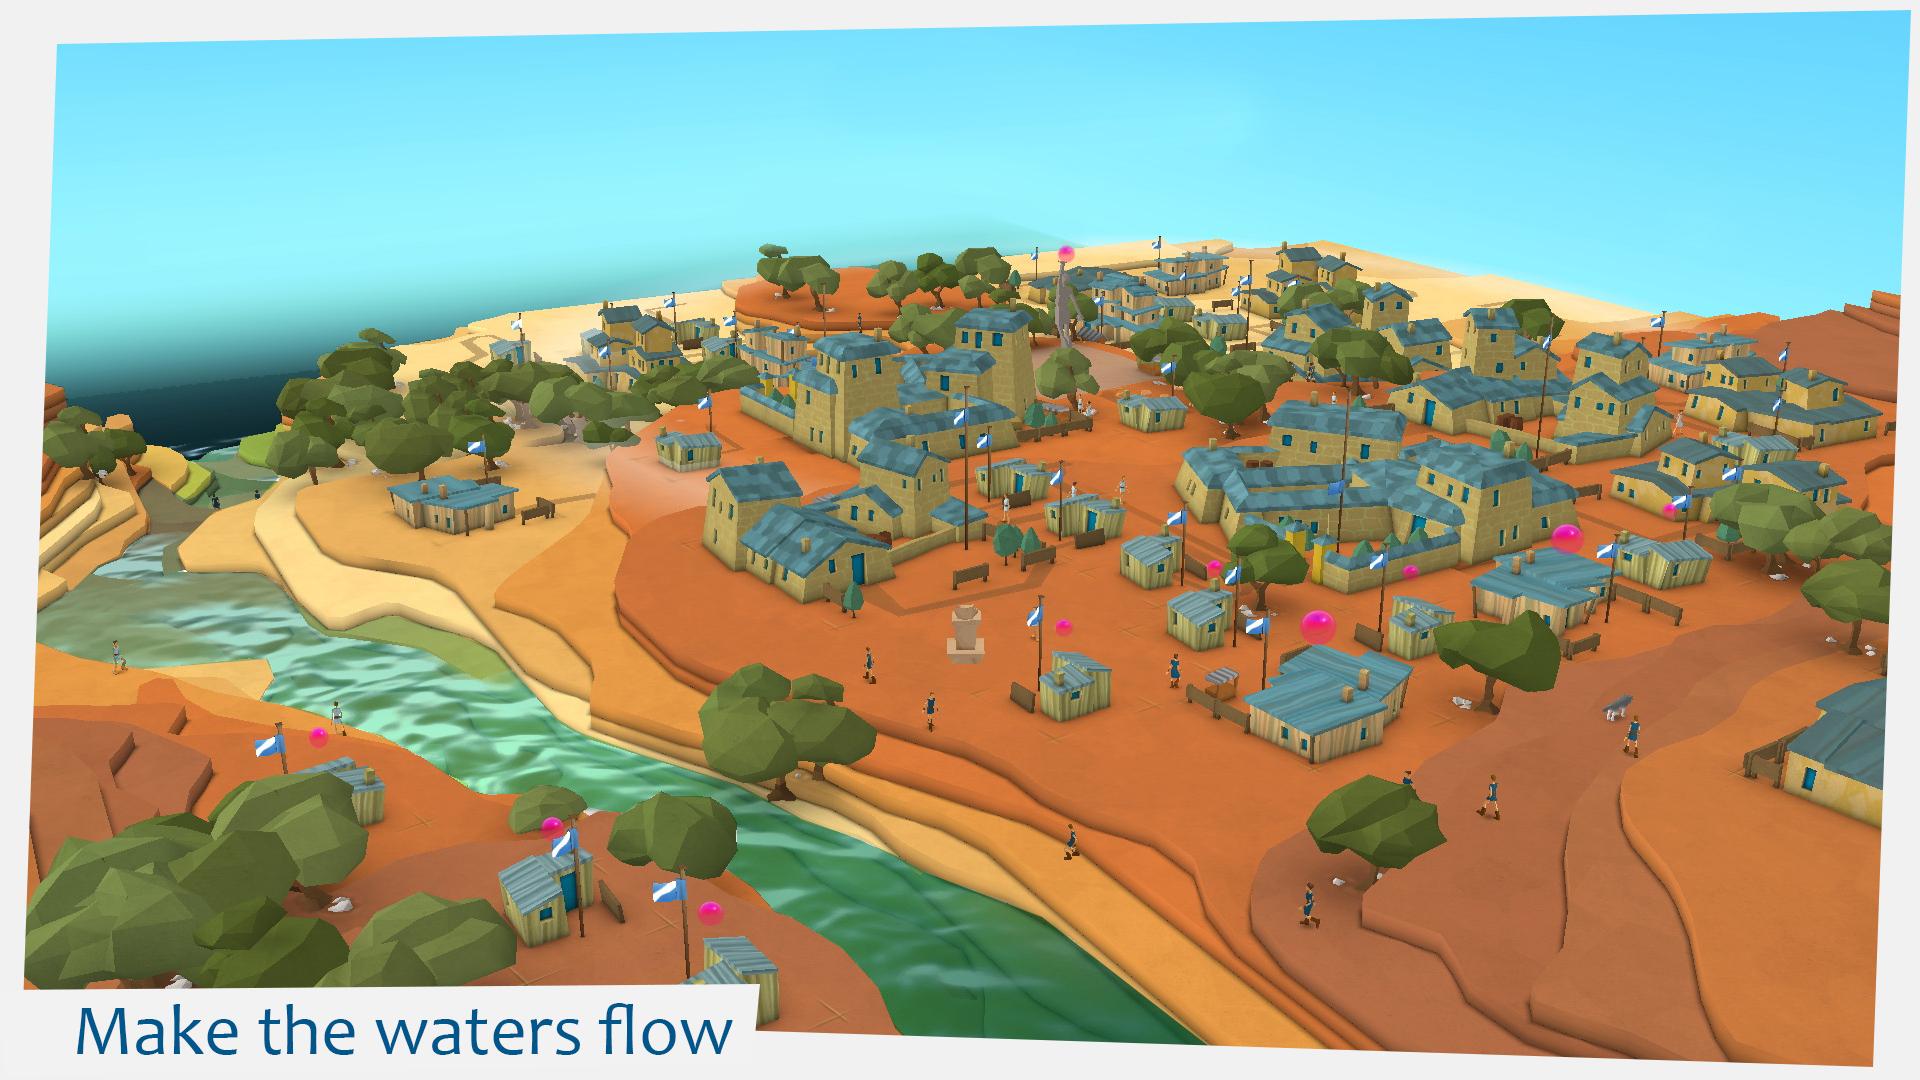 Make the waters flow image   Godus   Indie DB 1920x1080